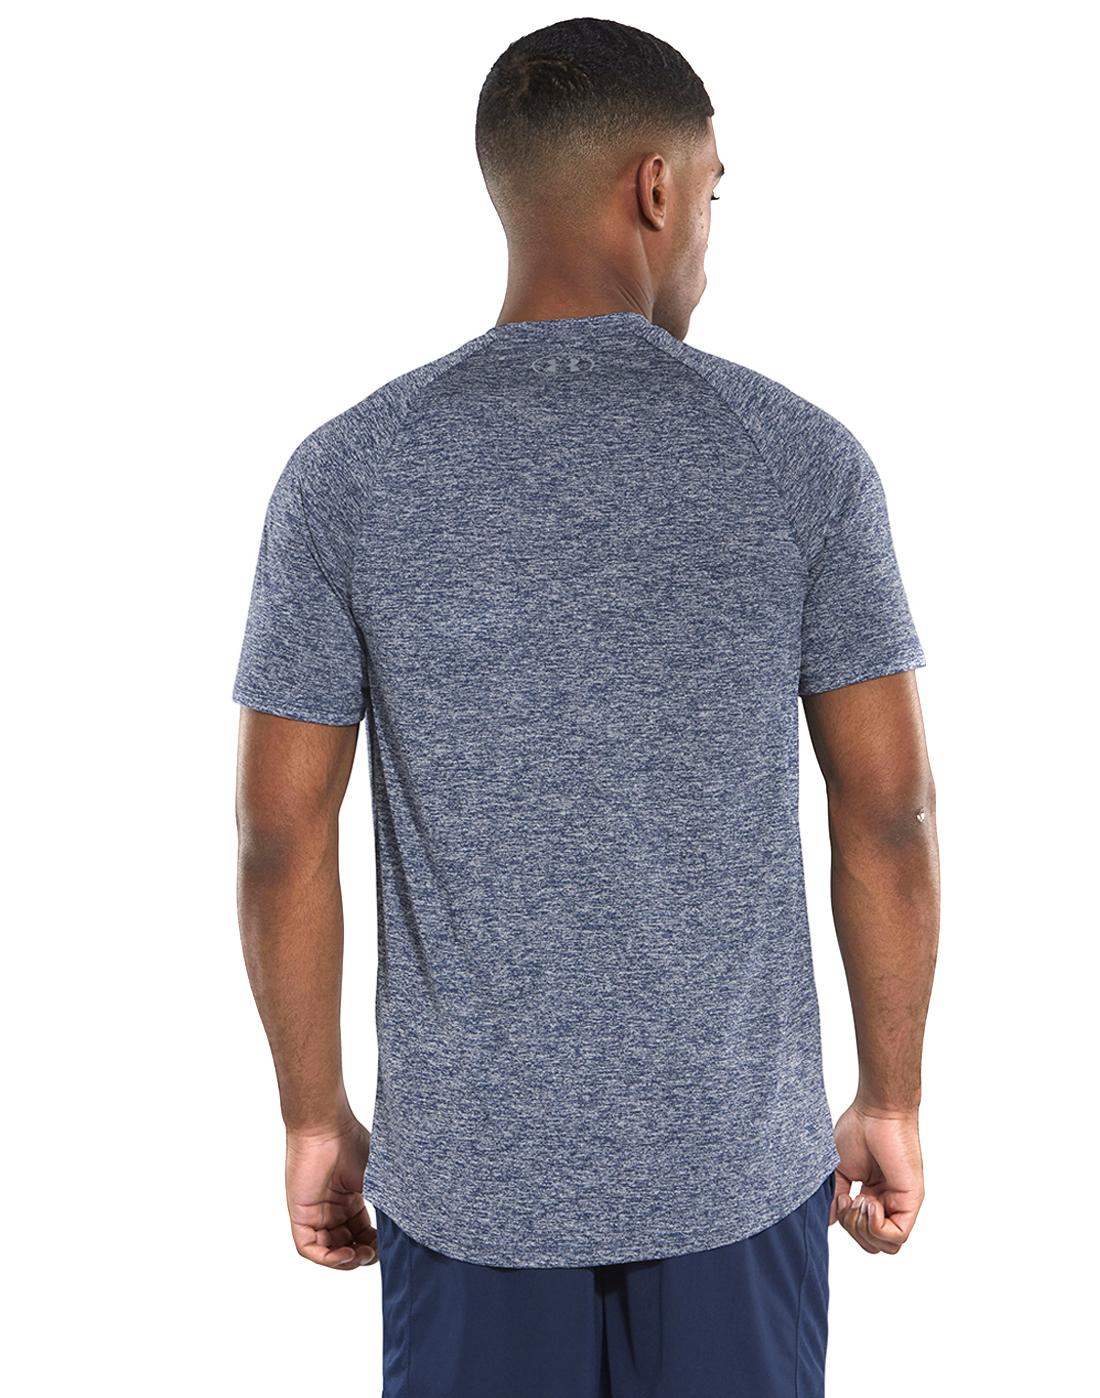 fcaa2cefa66c Mens Tech T-Shirt · Mens Tech T-Shirt ...